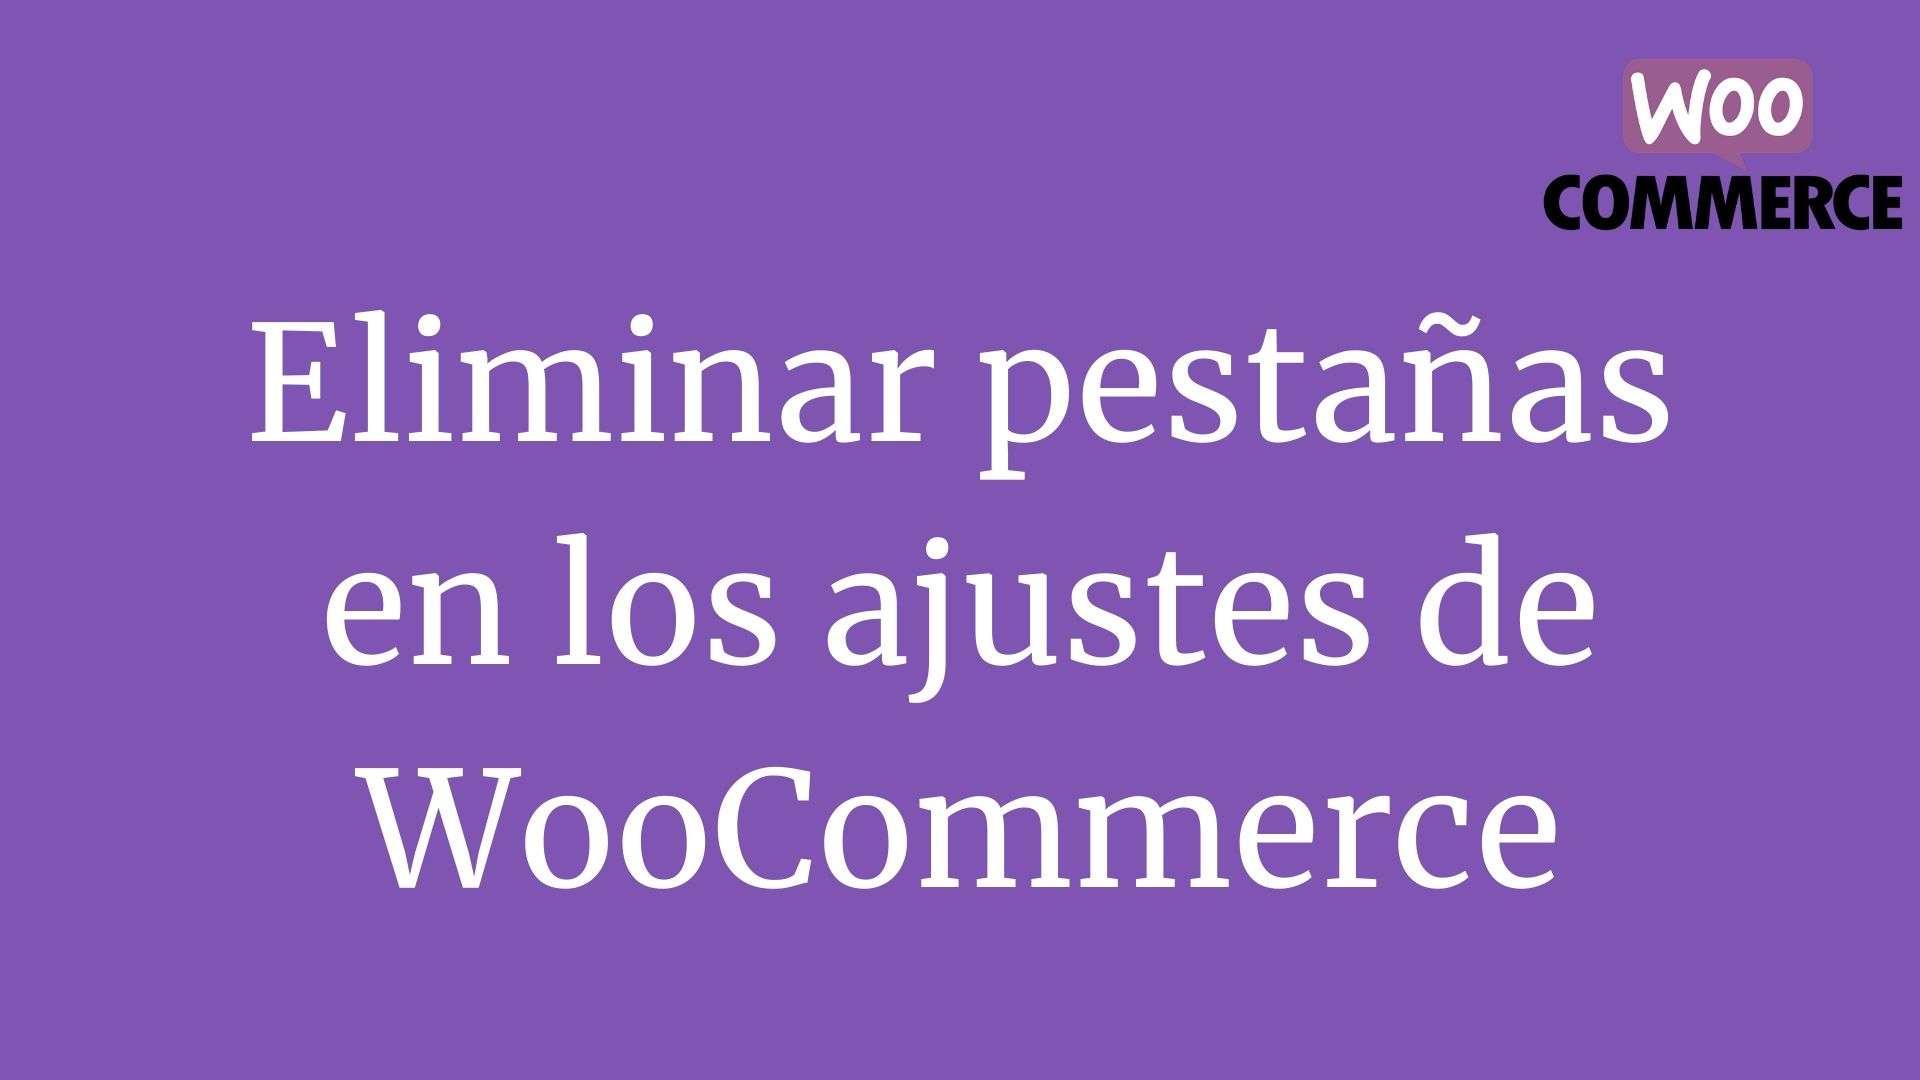 Eliminar pestañas en los ajustes de WooCommerce